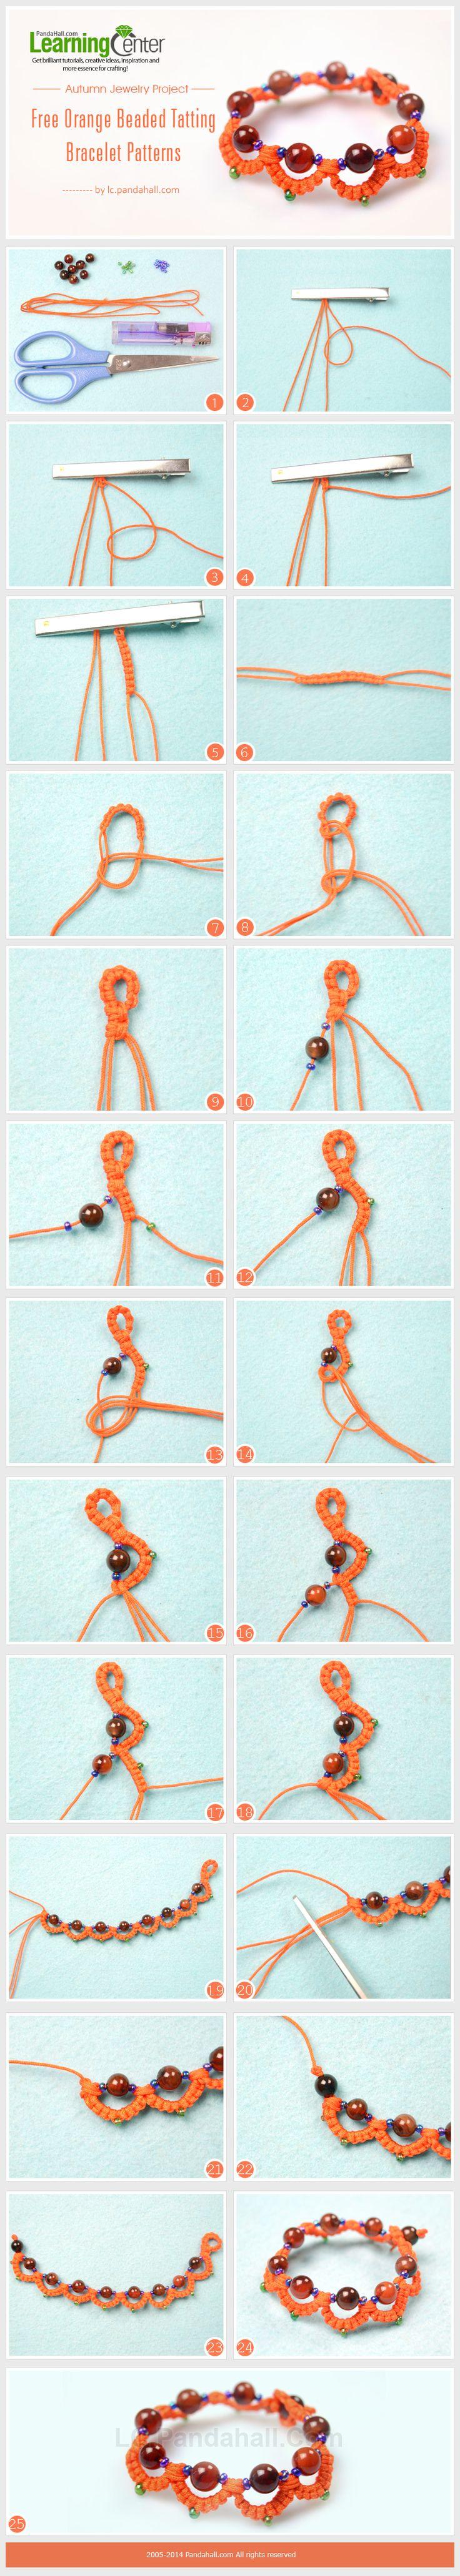 Cómo hacer una pulsera con hilos y cuentas. #Jewelry #Diy #Beads #Macrame